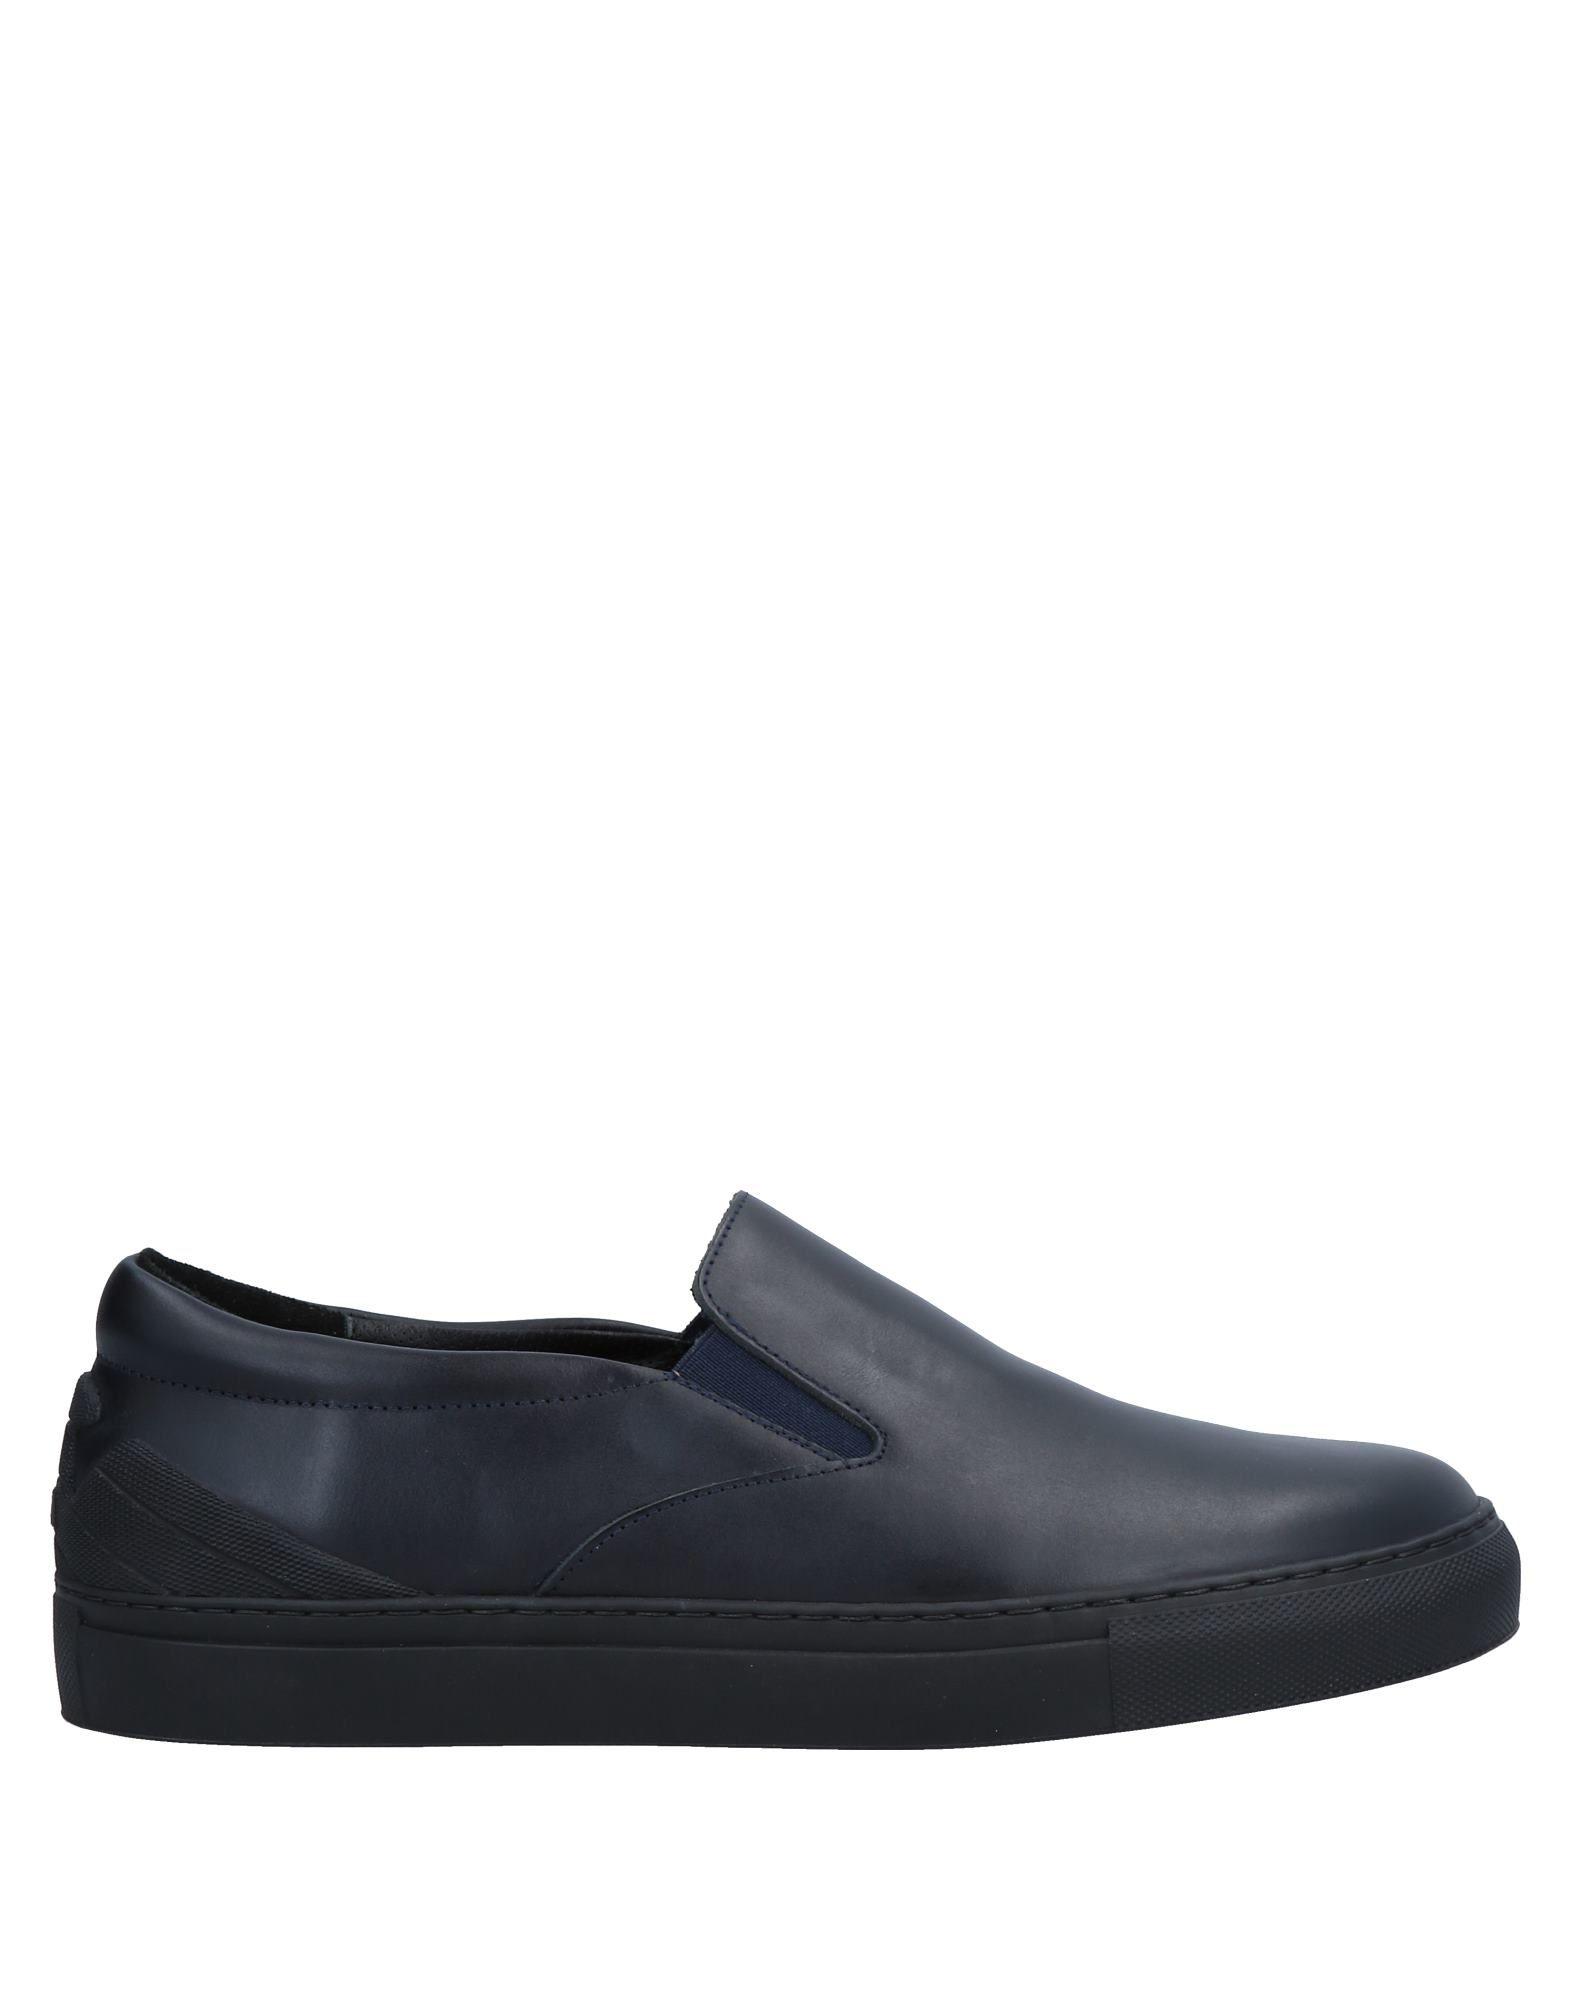 Emporio on Armani Sneakers - Men Emporio Armani Sneakers online on Emporio  Canada - 11204262OB 6e6d6a